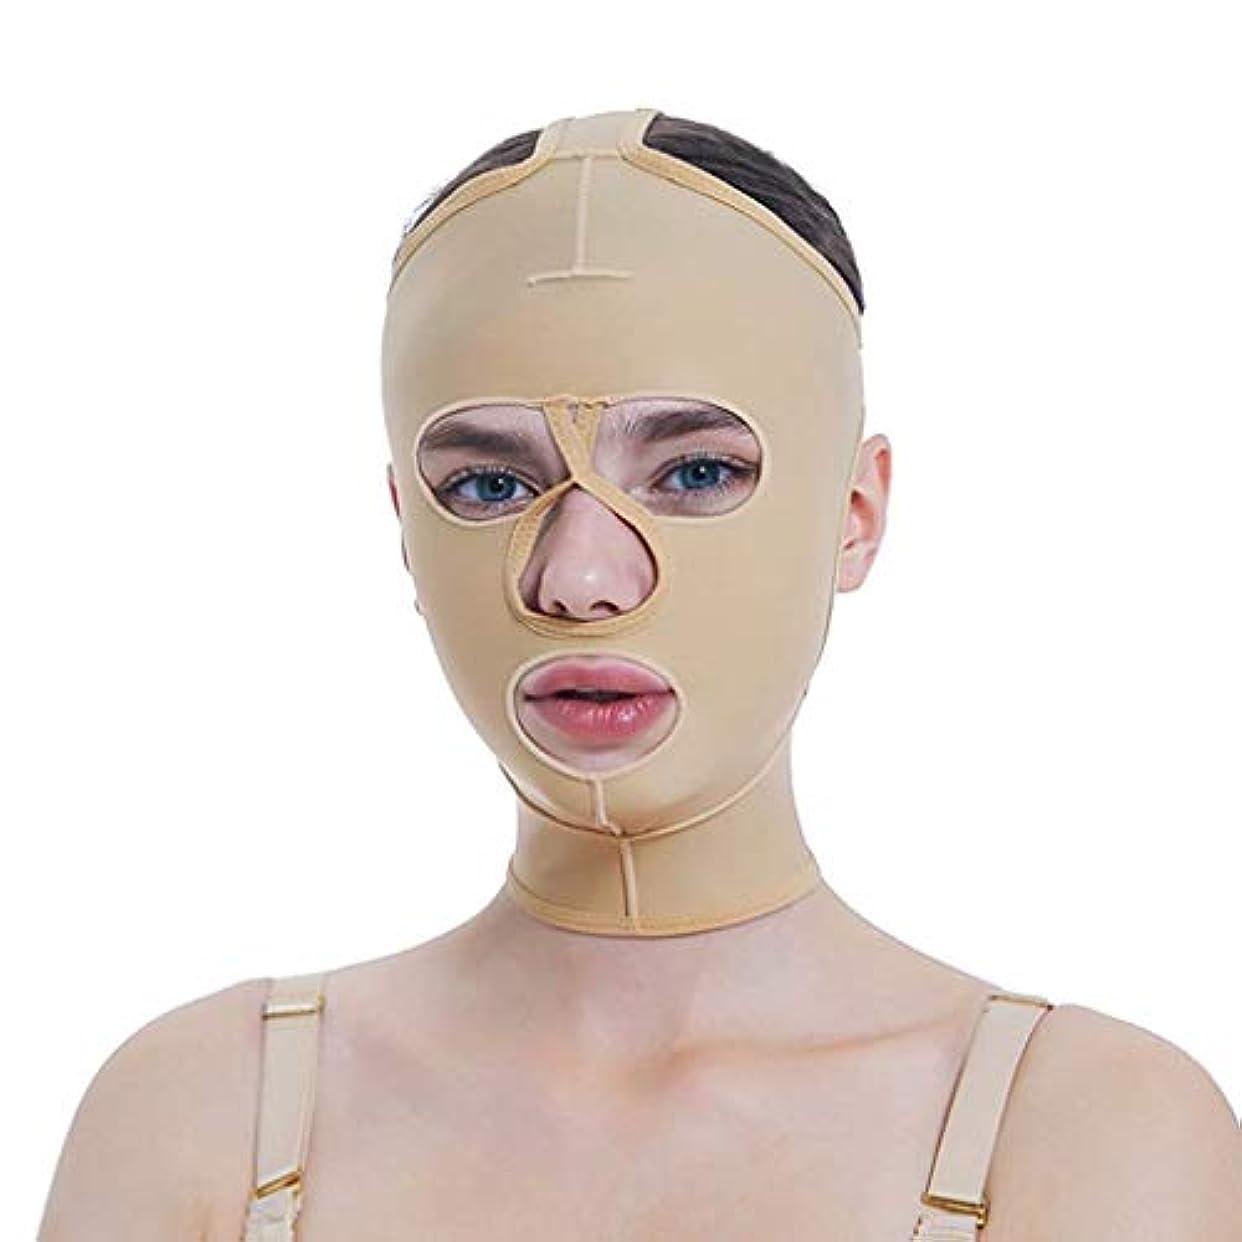 イディオム考え宿題脂肪吸引術用成形マスク、薄手かつらVフェイスビームフェイス弾性スリーブマルチサイズオプション(サイズ:S)